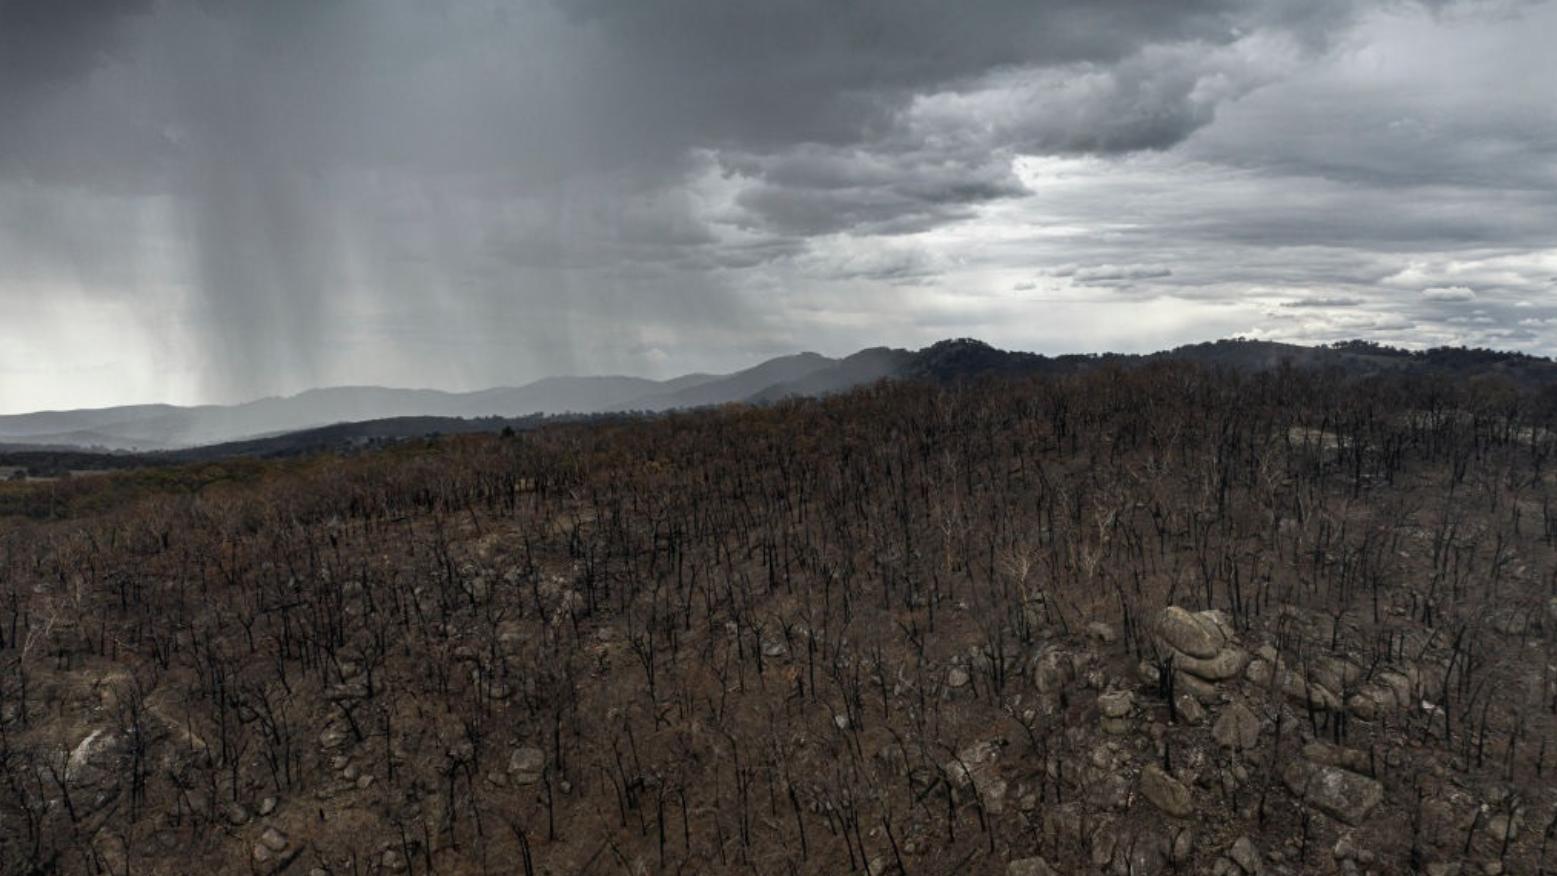 Endlich Regen: Grosse Erleichterung in Australien